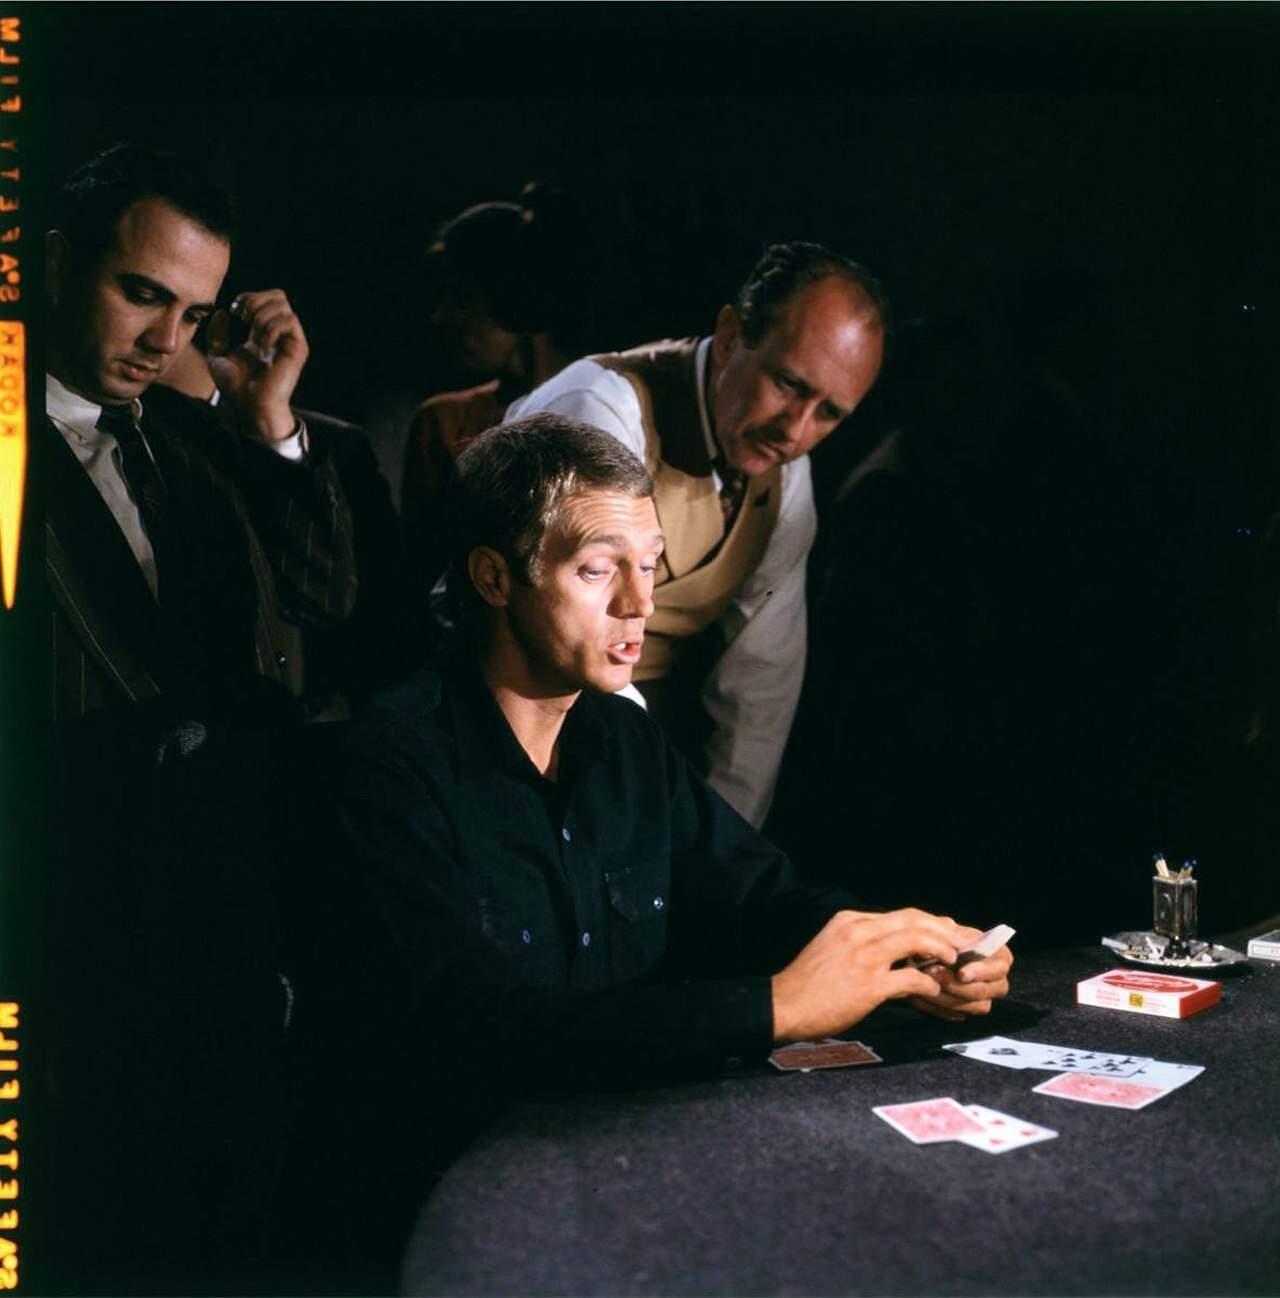 Yleisesti tyylivirheenä pidetty musta paita voi sopia vaikkapa korttihaille. Kuva: Warner Bros.